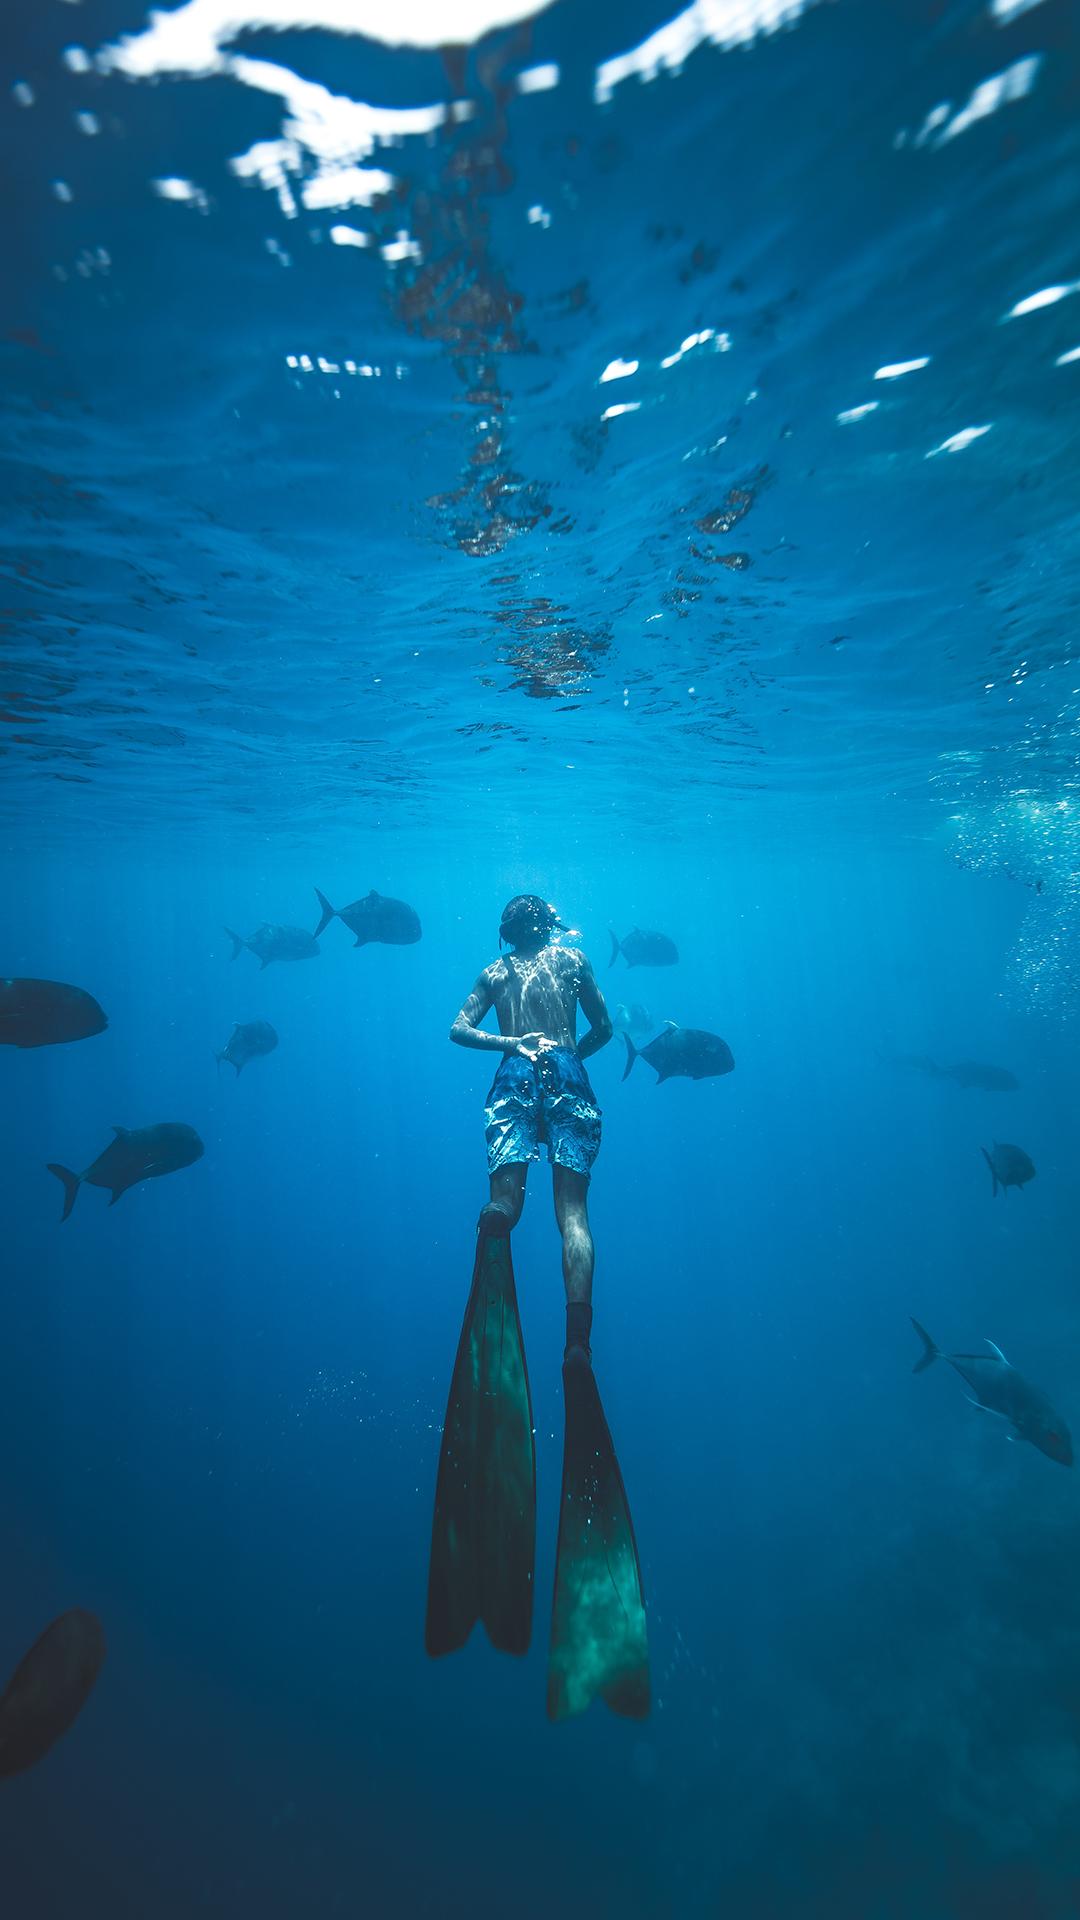 深海潜水女孩鱼群苹果手机高清壁纸1080x1920 爱思助手